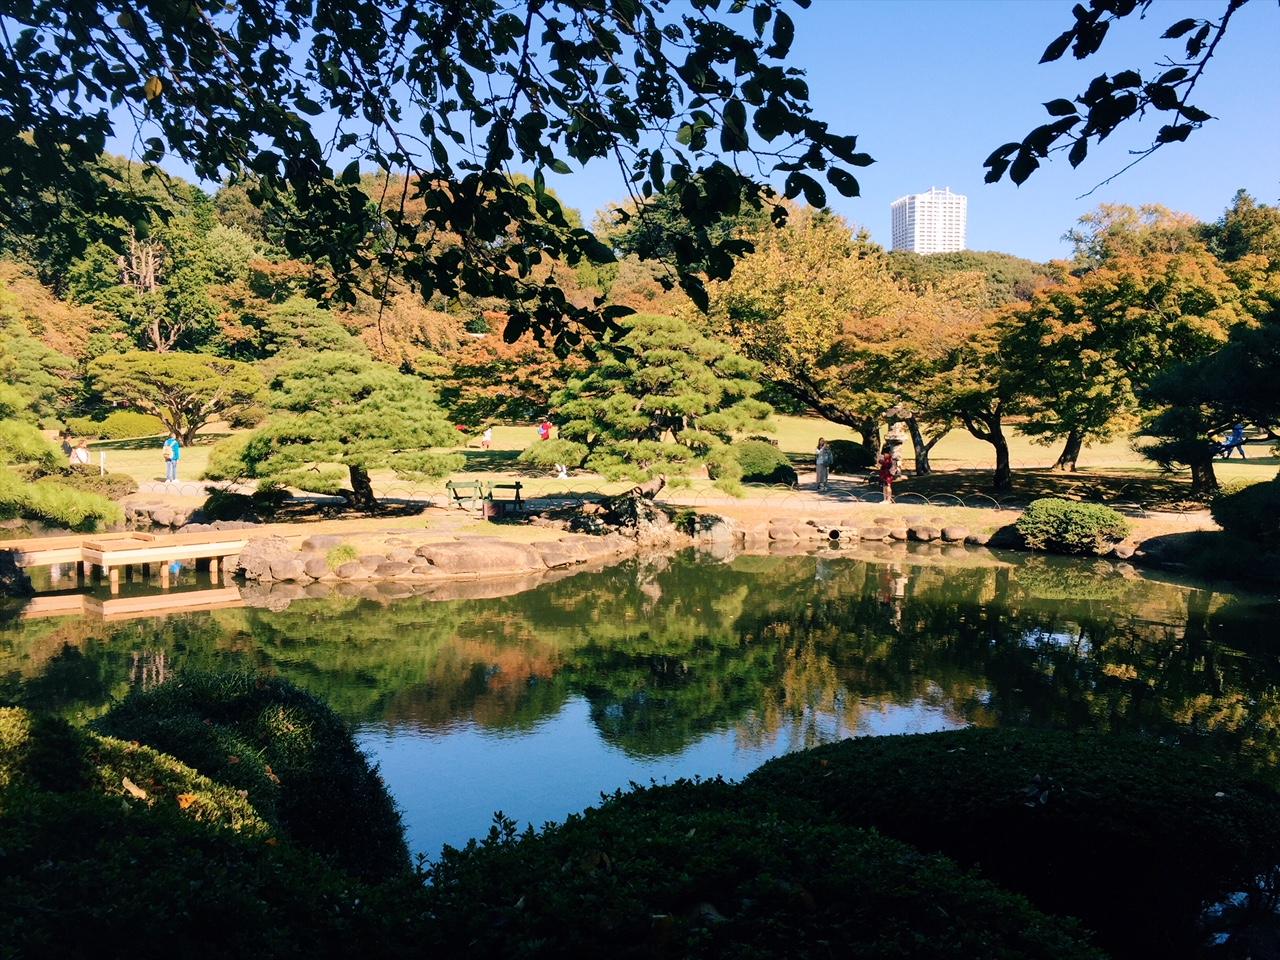 Rauhoittava metsä (tai no siis Shinjuku Gyoen National Garden)